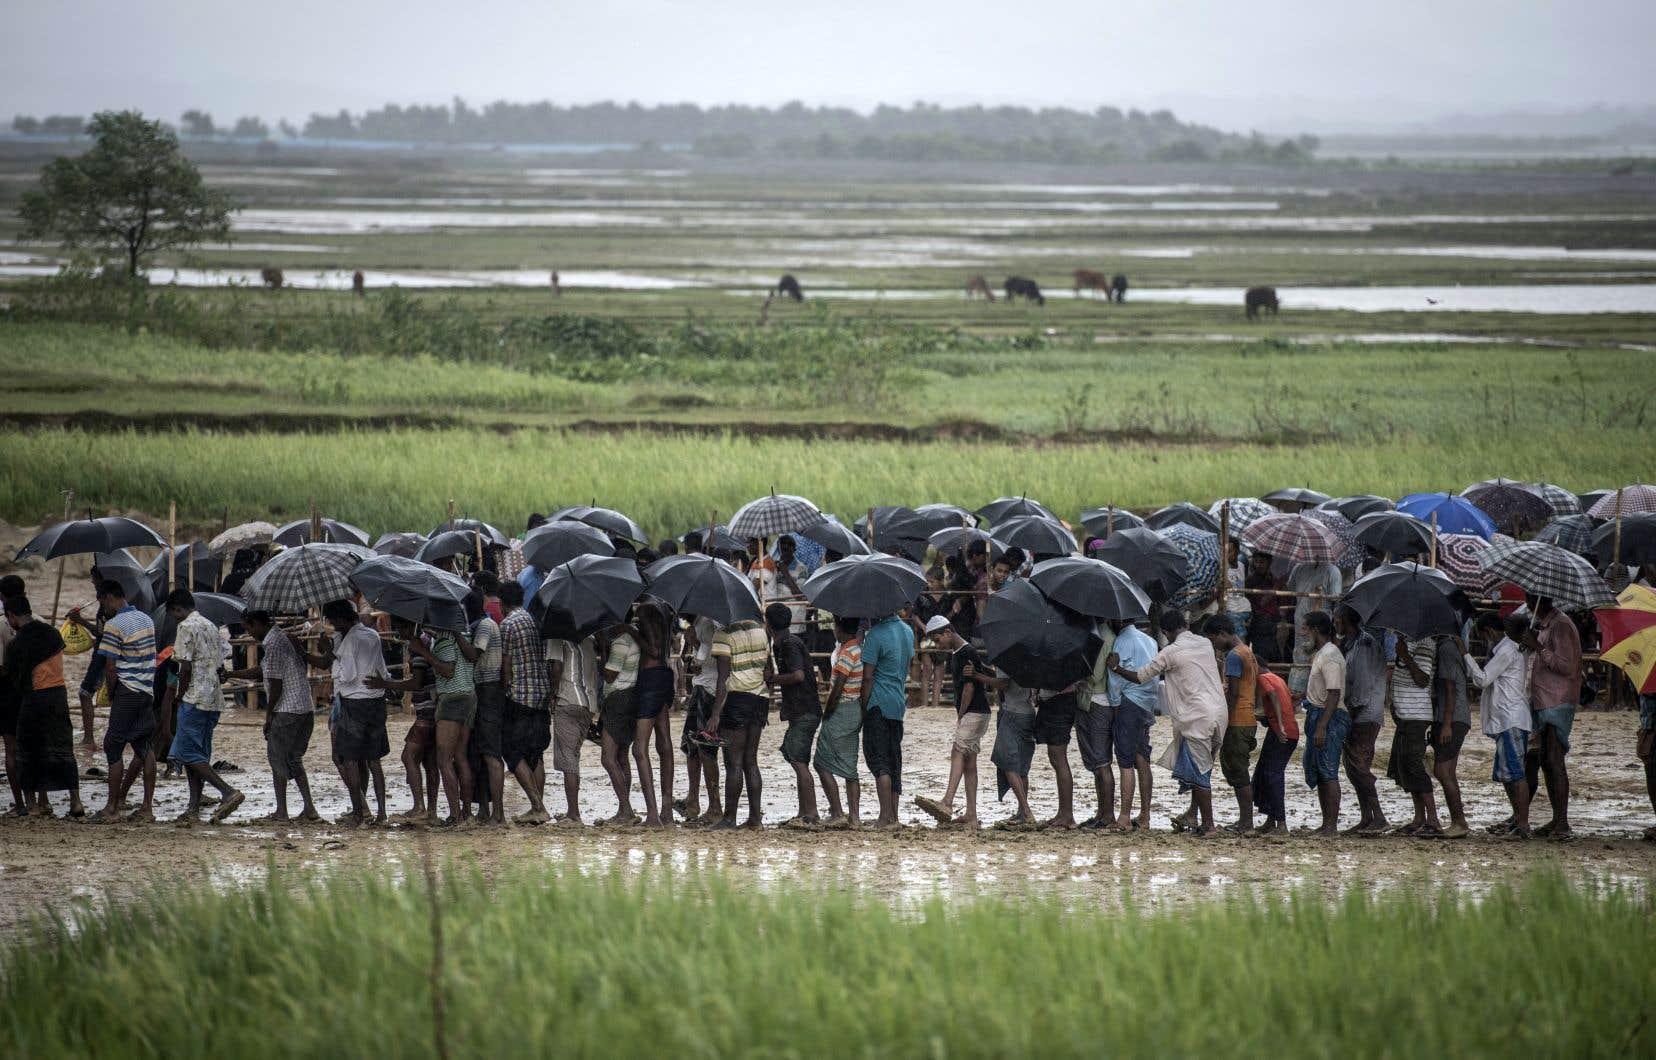 Environ 700000 musulmans rohingyas ont fui depuis août 2017 l'ouest du Myanmar sous la pression d'opérations militaires et ont trouvé refuge au Bangladesh.